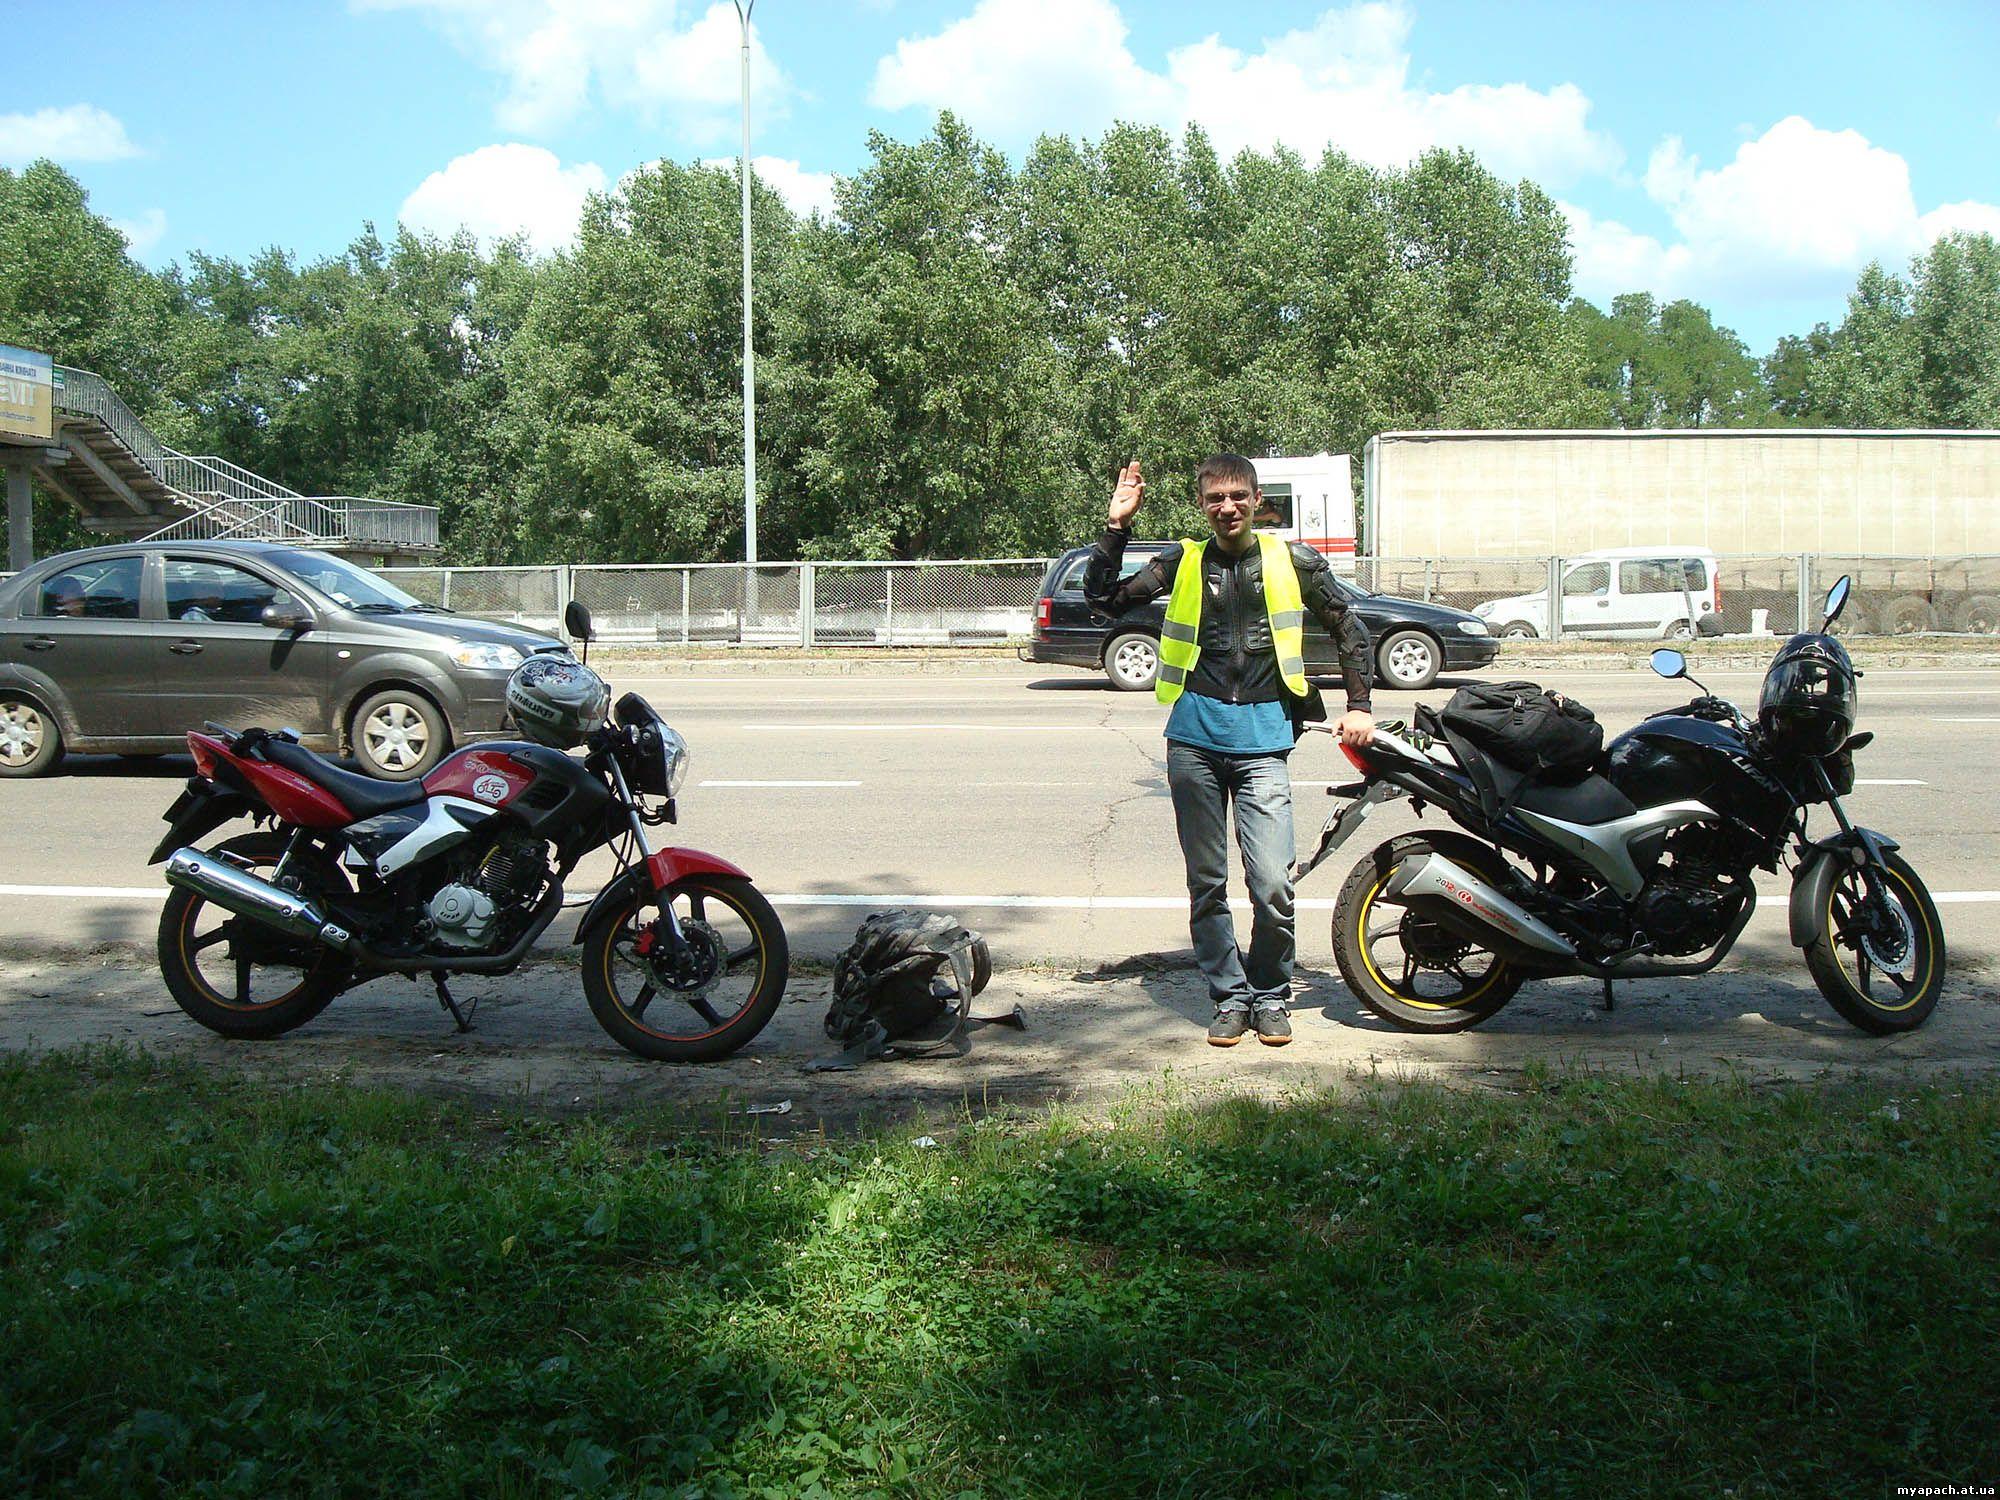 Lifan Irokez 150cc & Lifan Apache 200cc